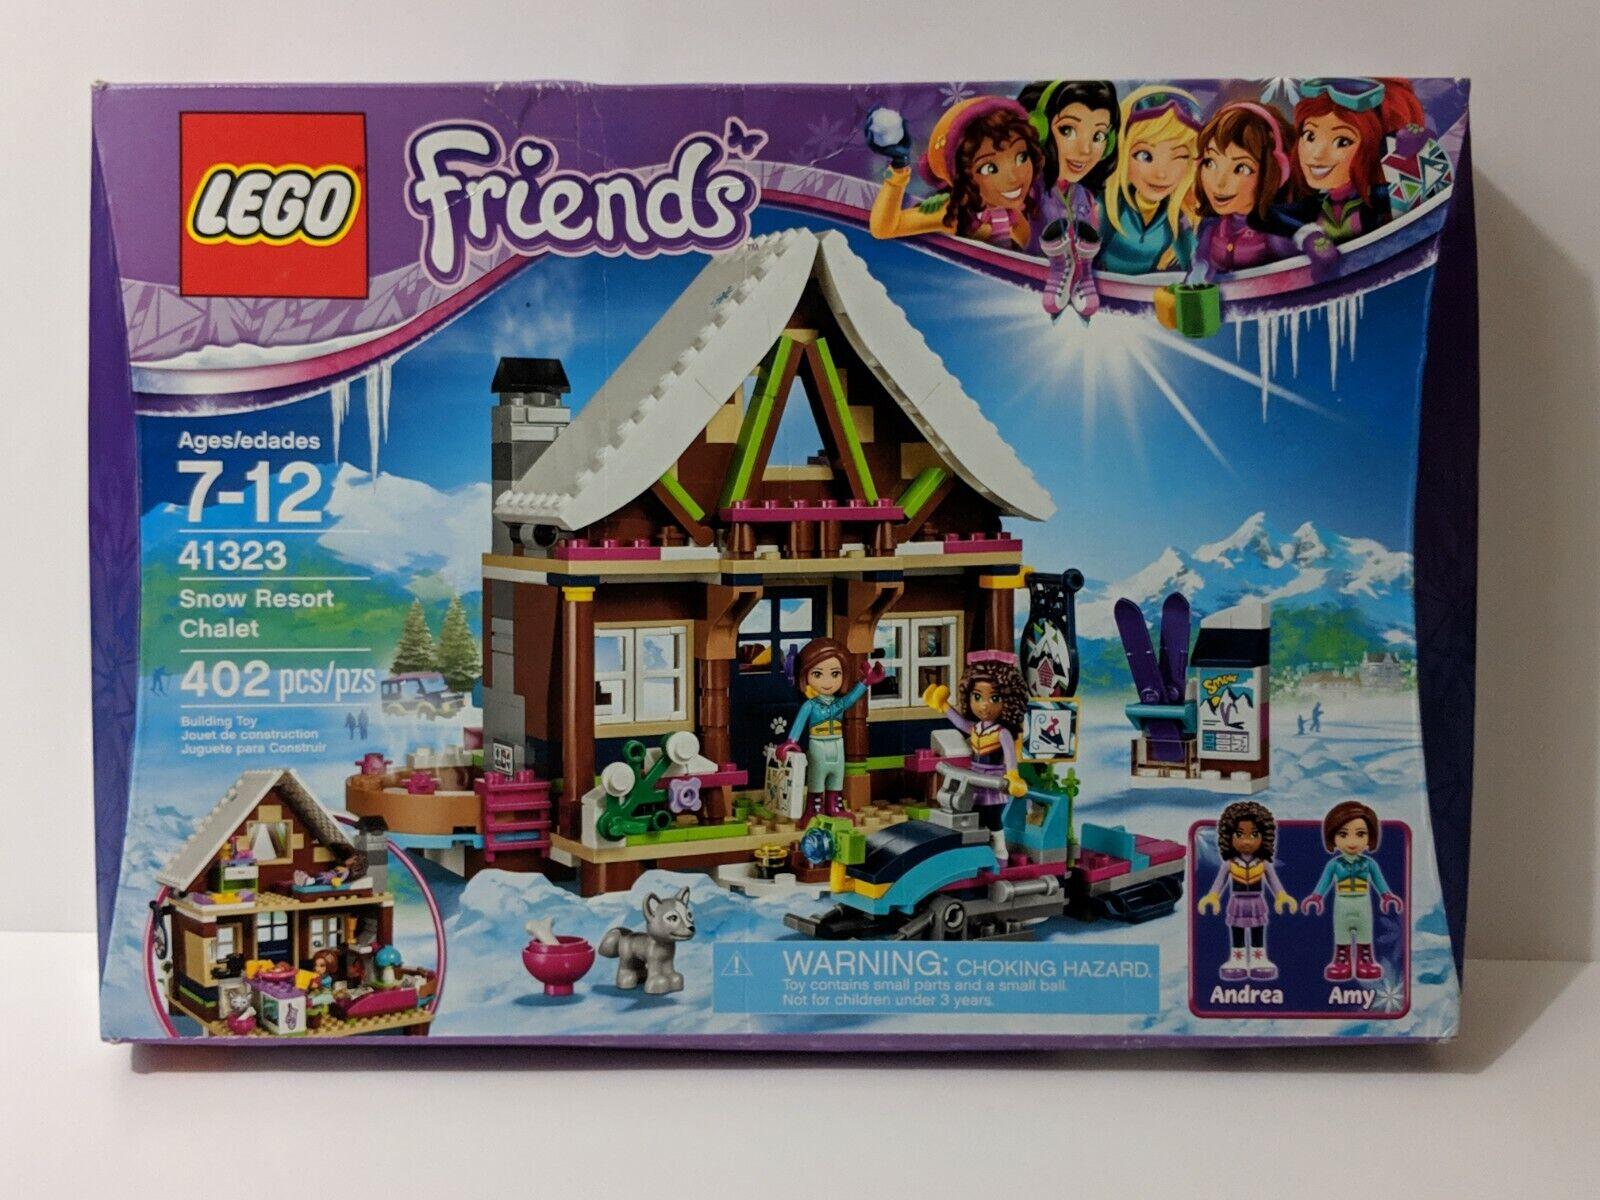 Lego Invierno Nieve Esquí chalet Resort 41323 Kit de construcción 402 piezas amigo edad 7 Up